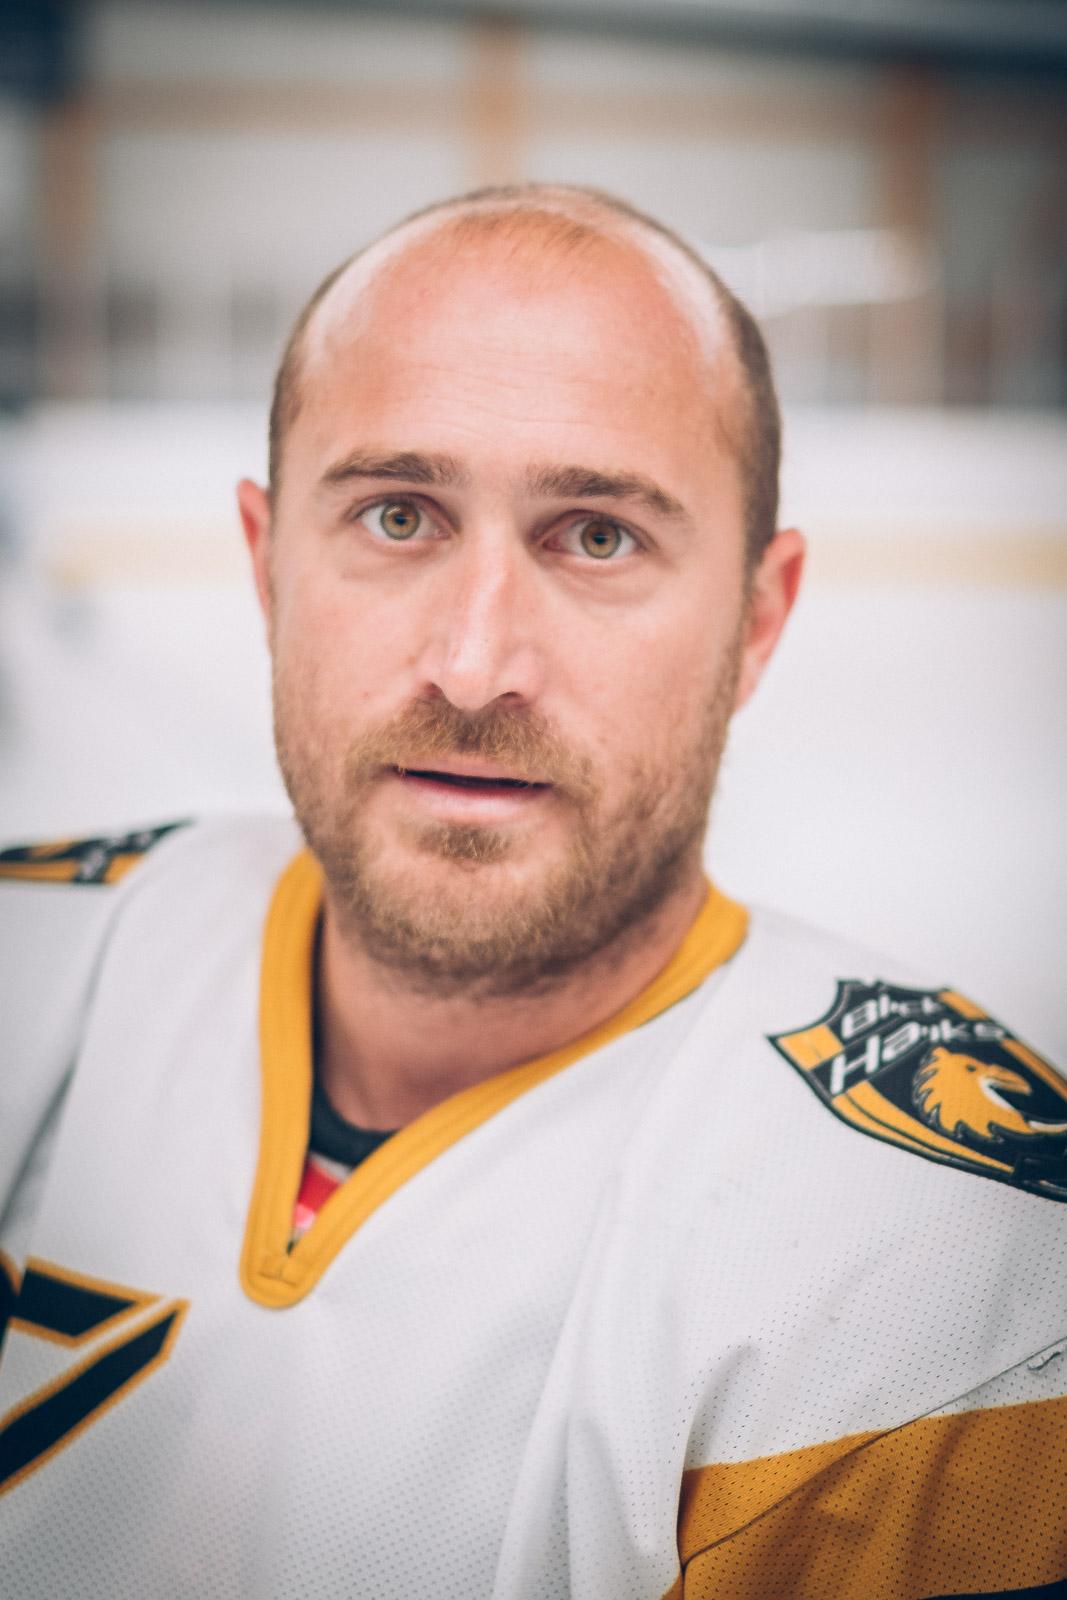 Daniel Pleyer